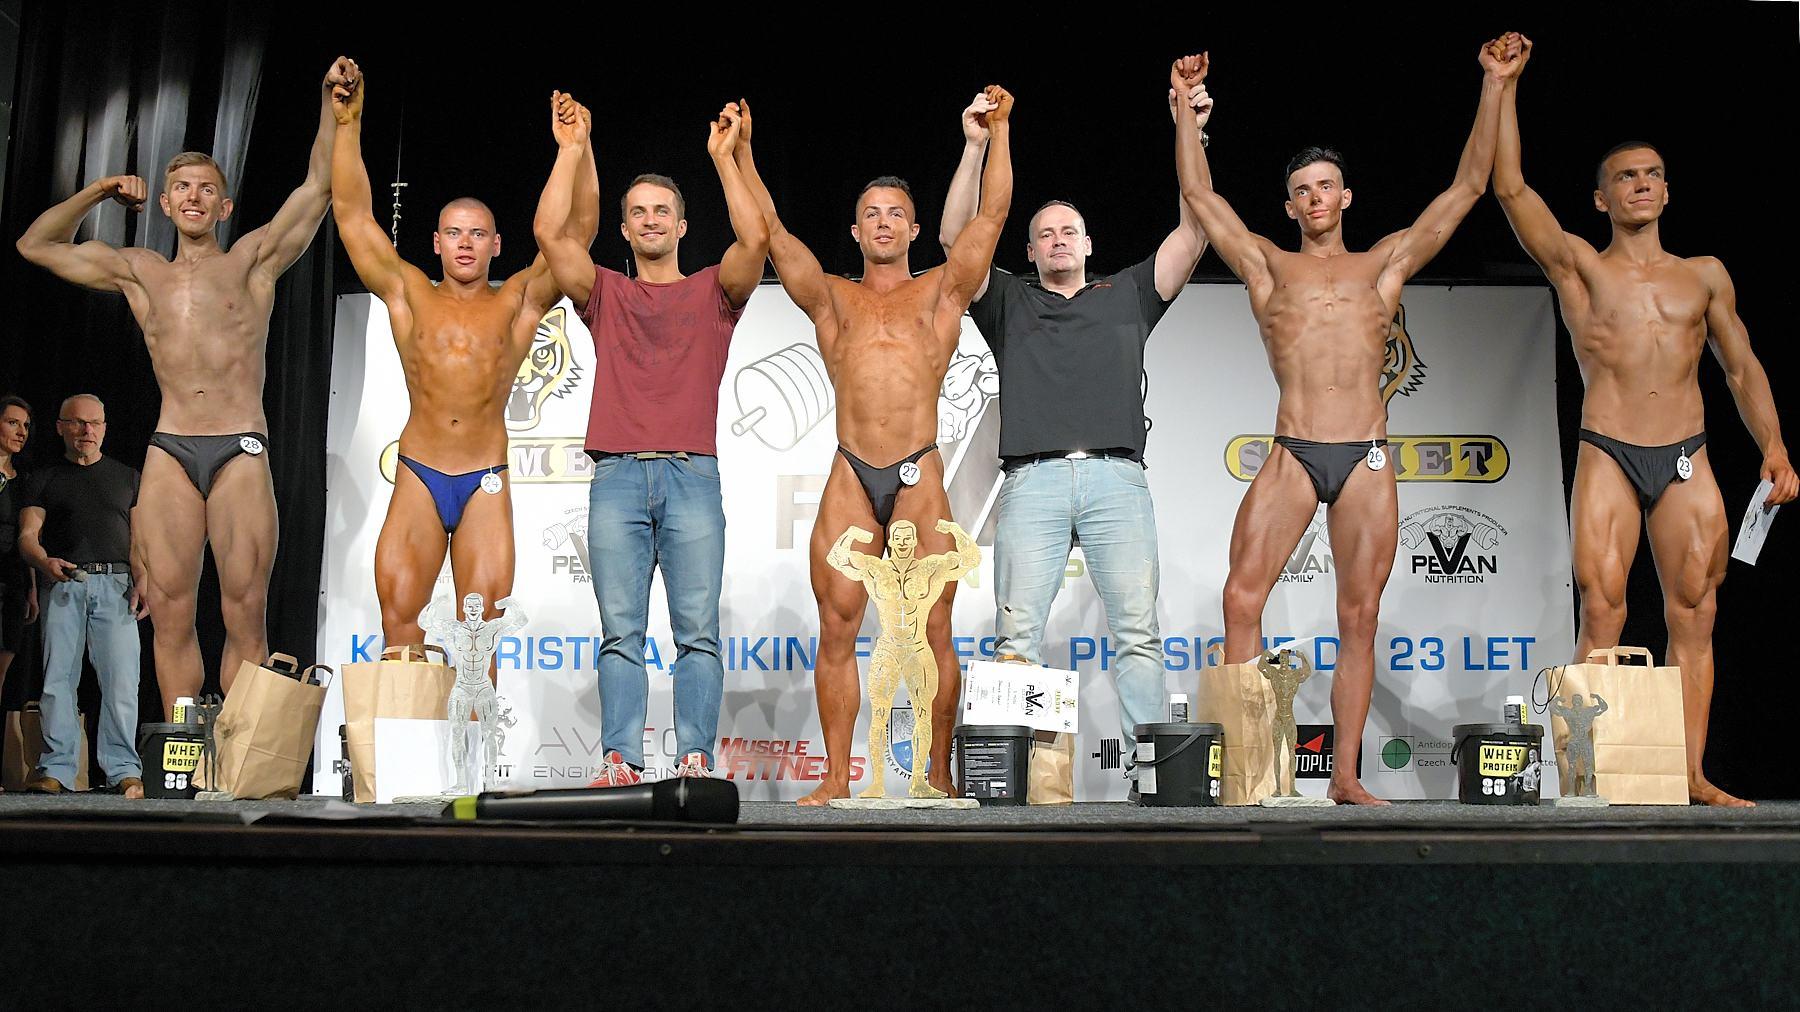 PeVan Clean Cup. Kondiční kulturistika juniorů. Foto: Zdeněk Dryák